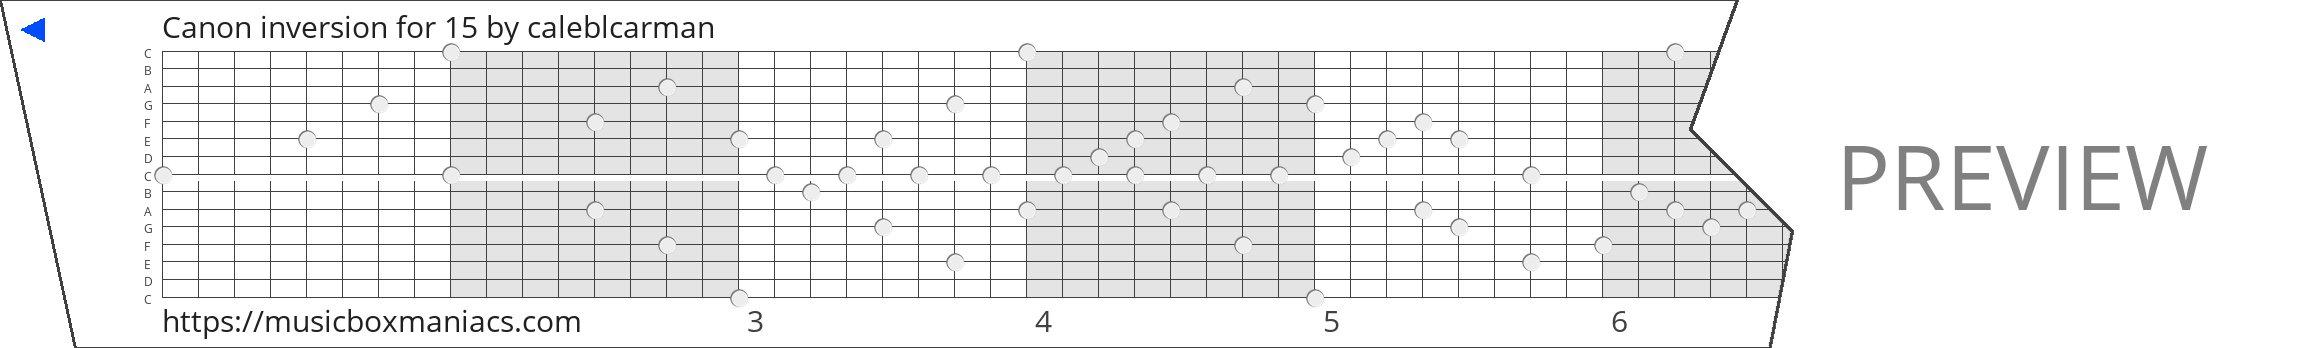 Canon inversion for 15 15 note music box paper strip